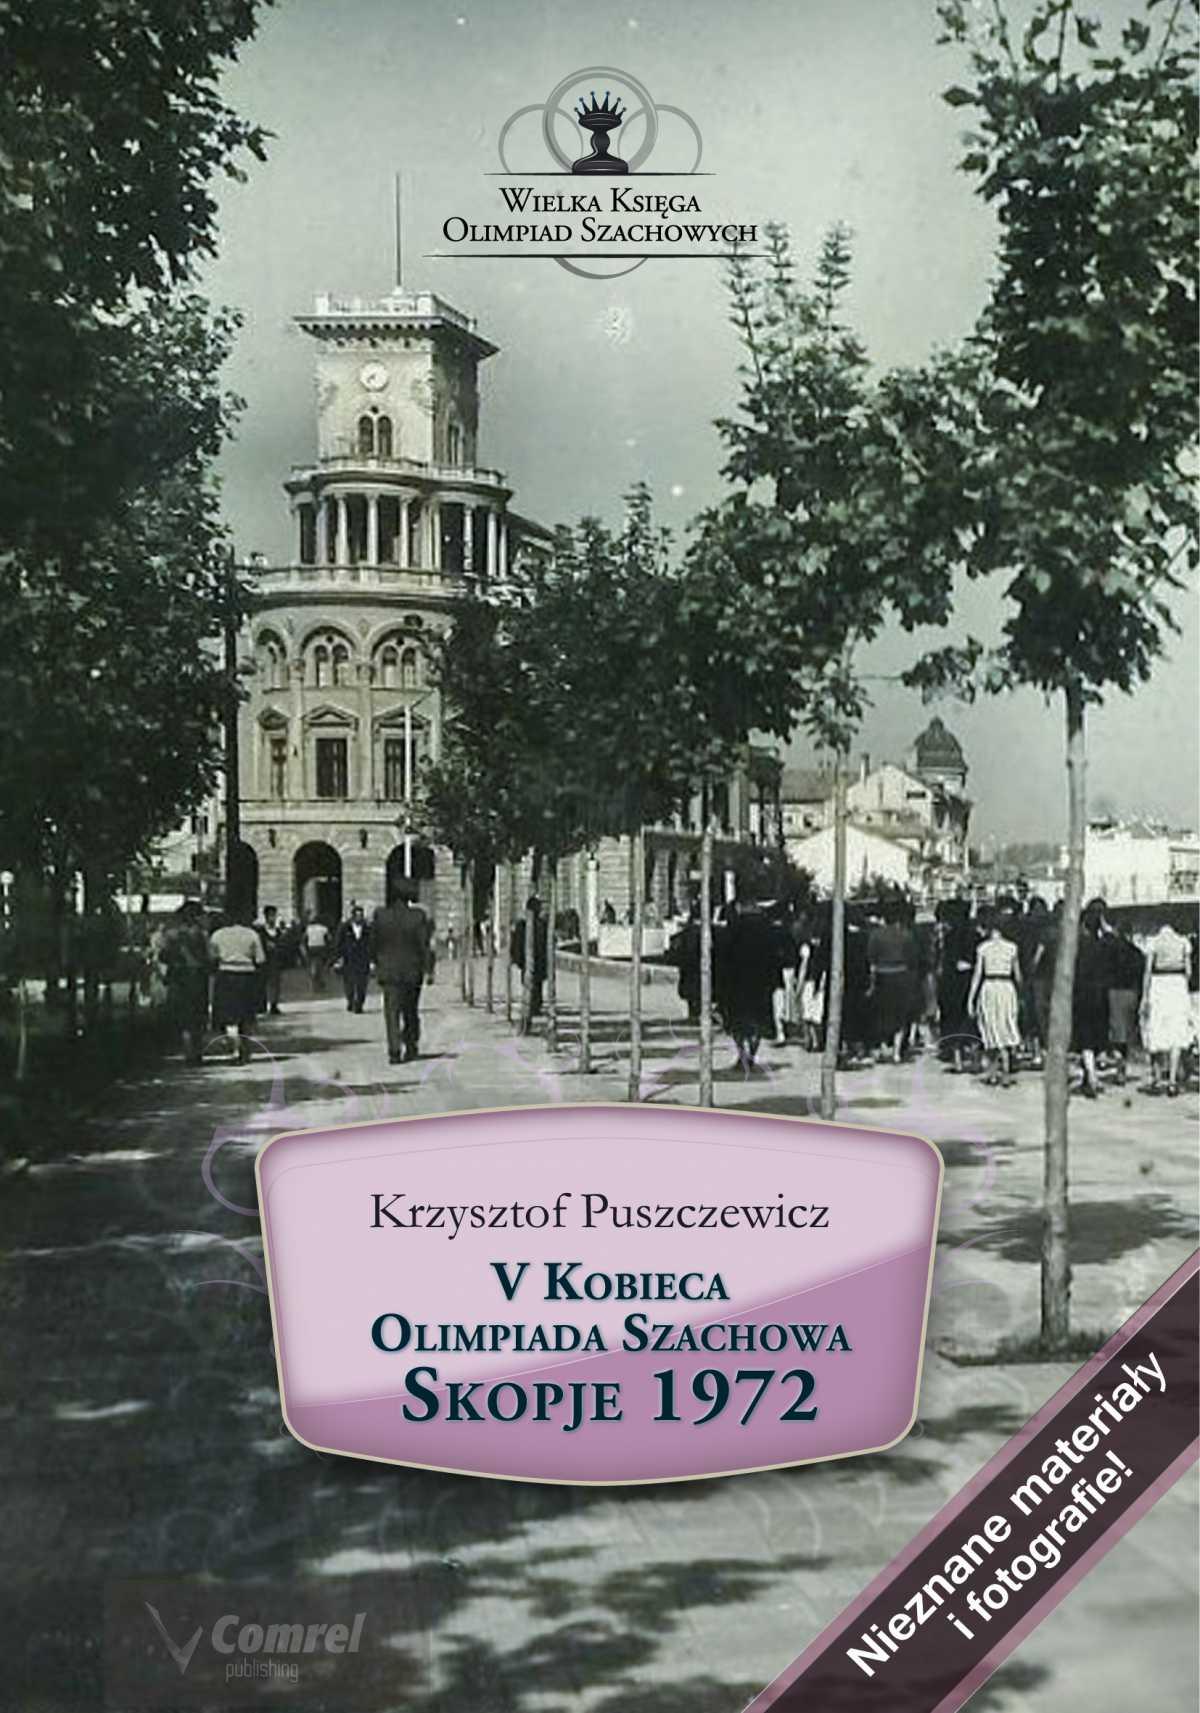 V Kobieca Olimpiada Szachowa. Skopje 1972 - Ebook (Książka PDF) do pobrania w formacie PDF